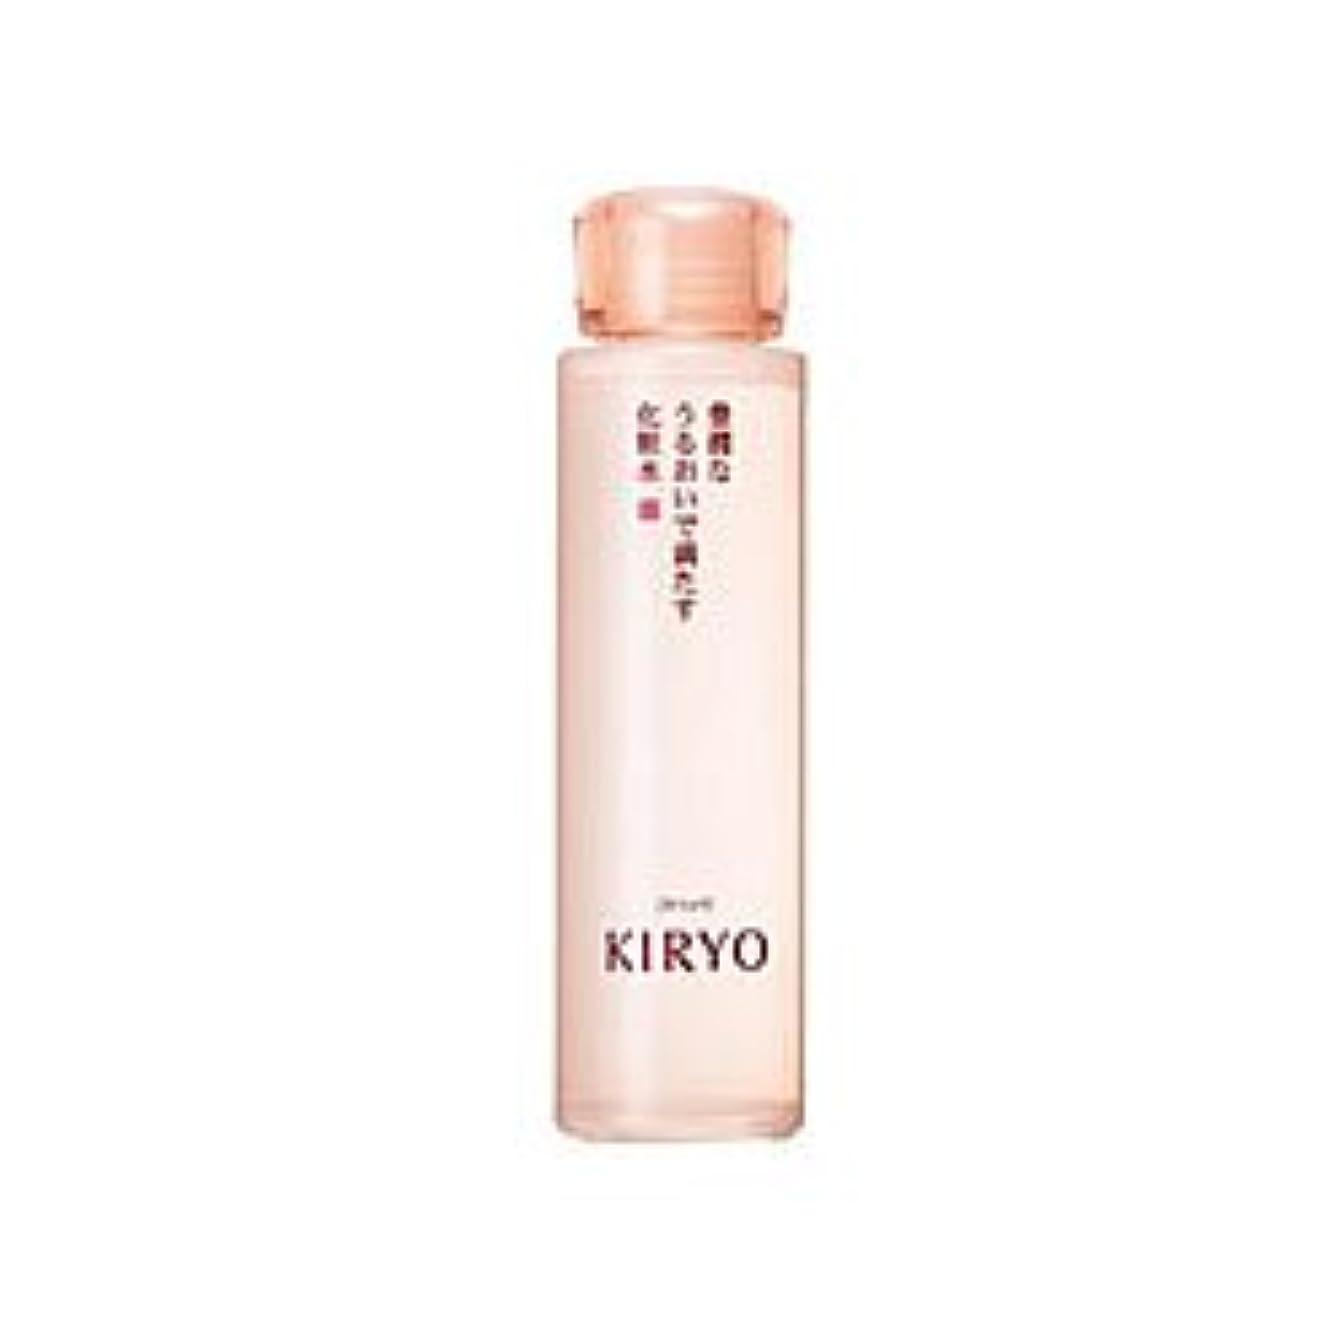 セージバター森【資生堂】キリョウ ローションII(化粧水) 150ml ×3個セット